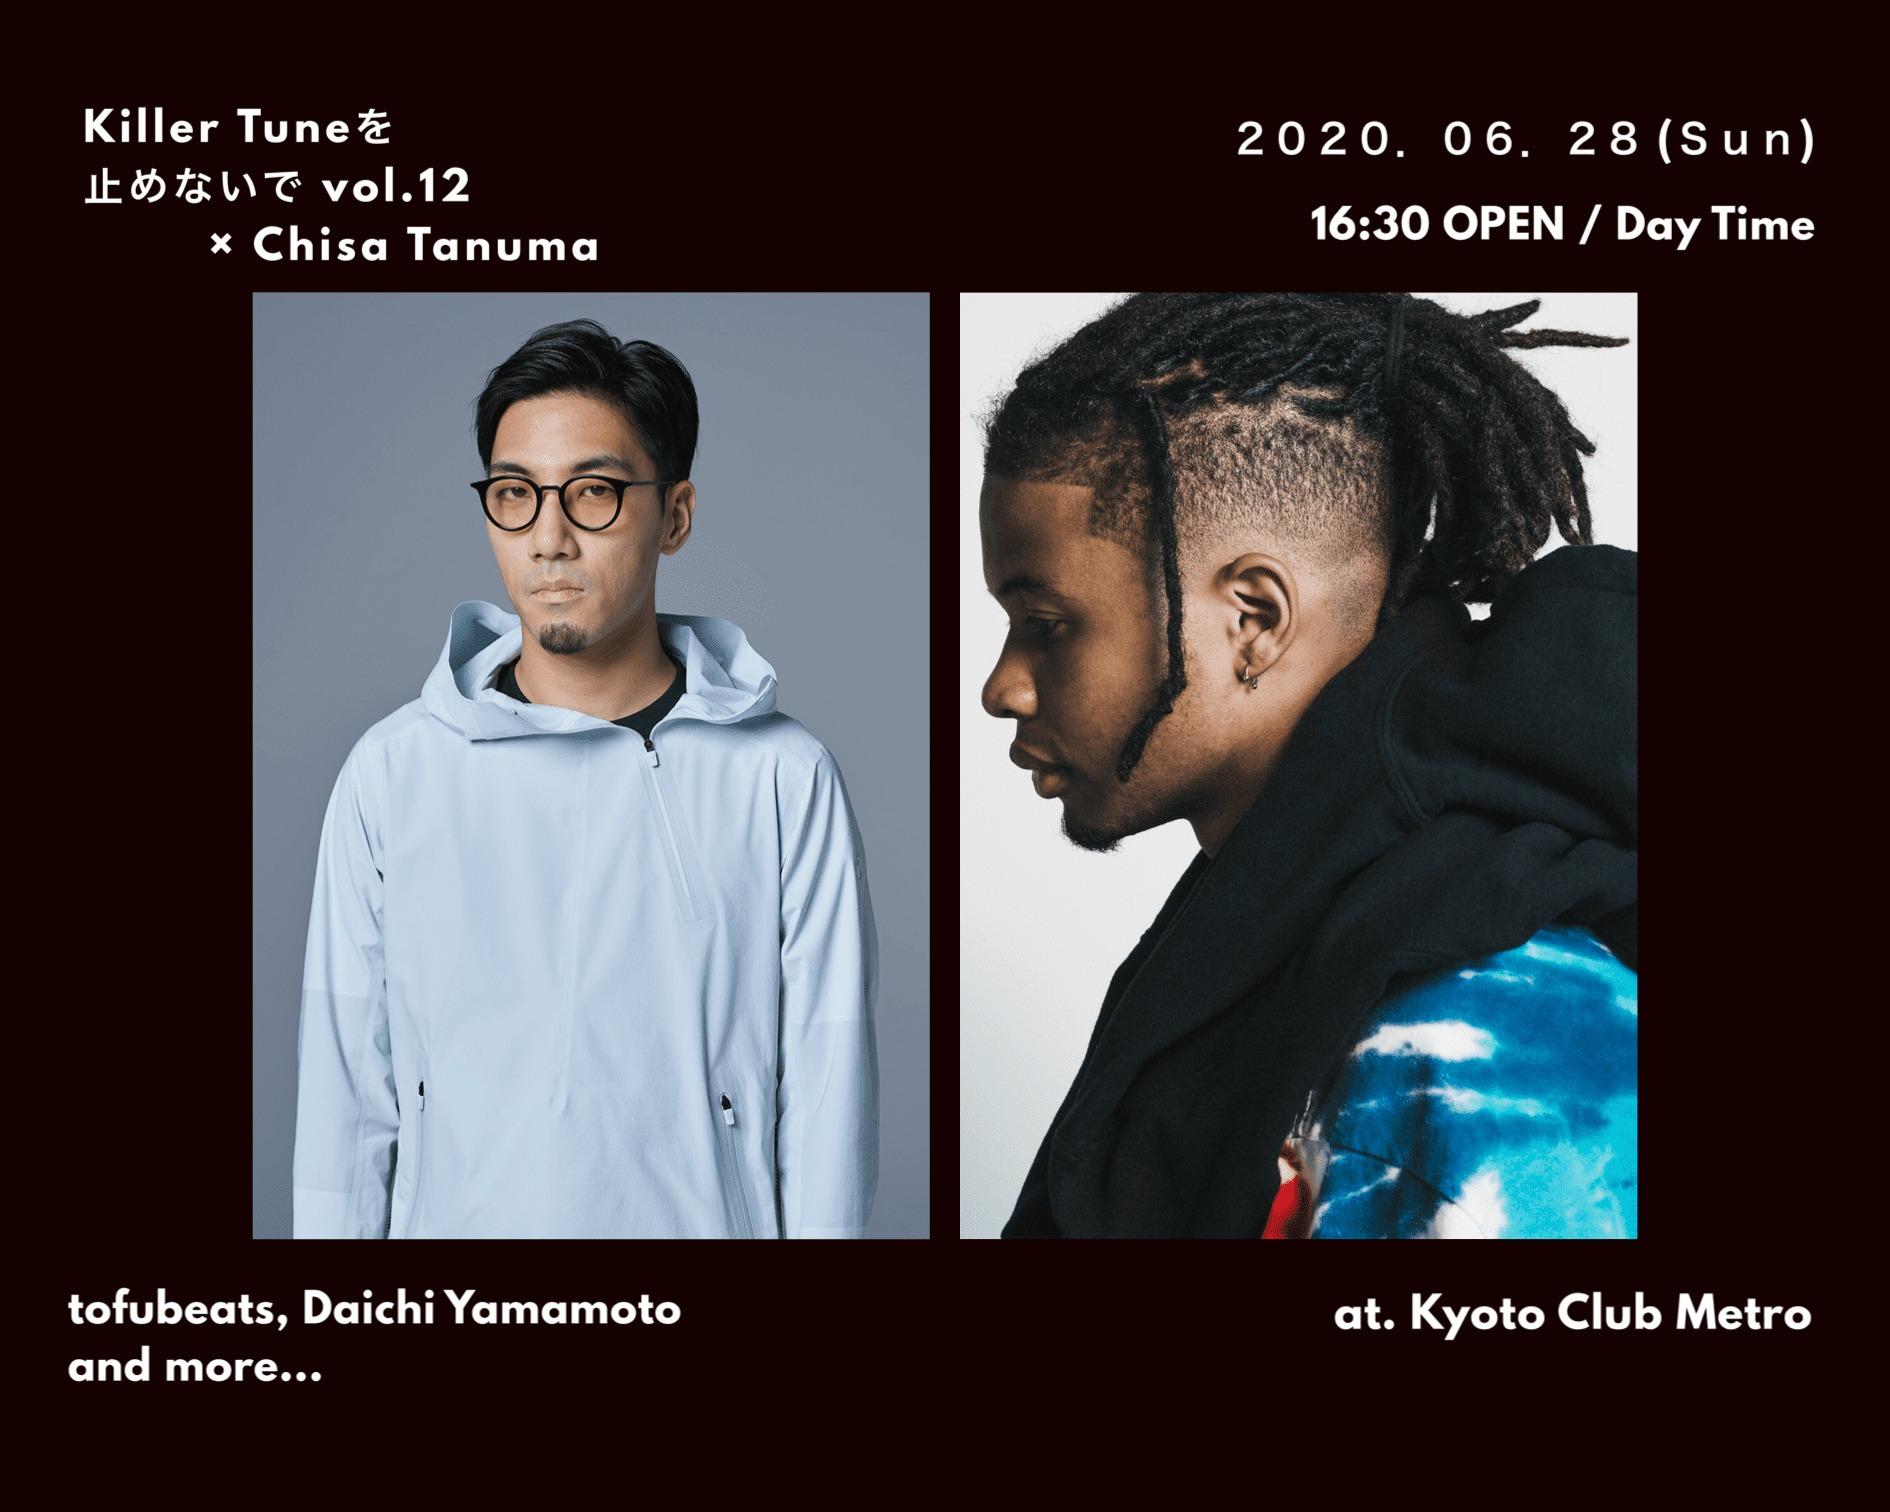 ストリートなイベント【京都】Killer Tuneを止めないで vol.12 × Chisa Tanuma 札幌で開催されてきたイベントが京都で初開催!